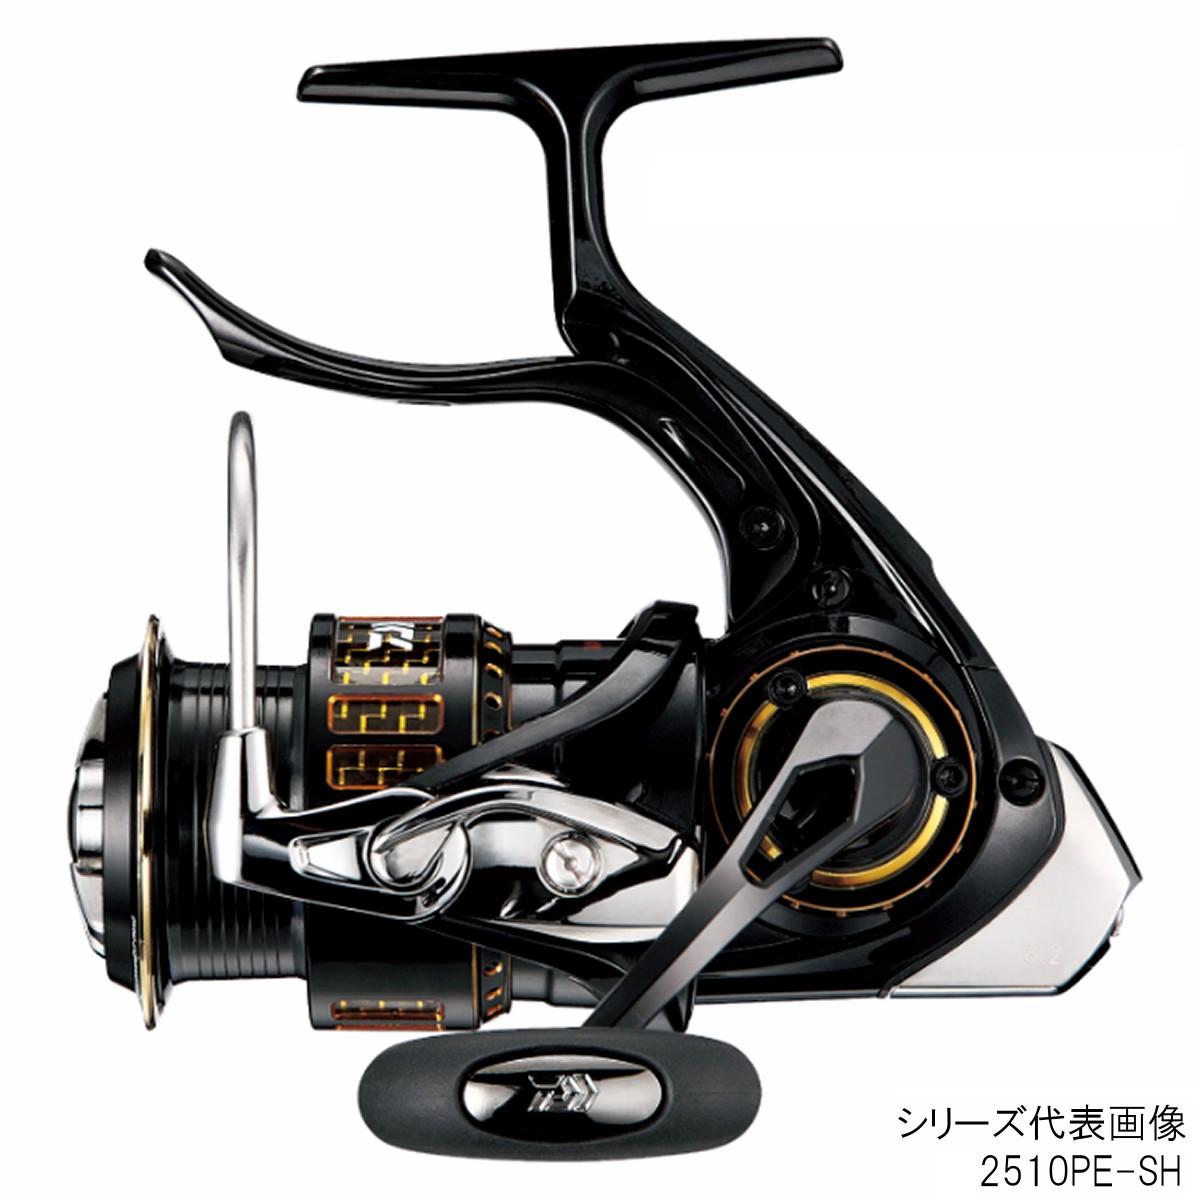 ダイワ モアザン-LBD 2510PE